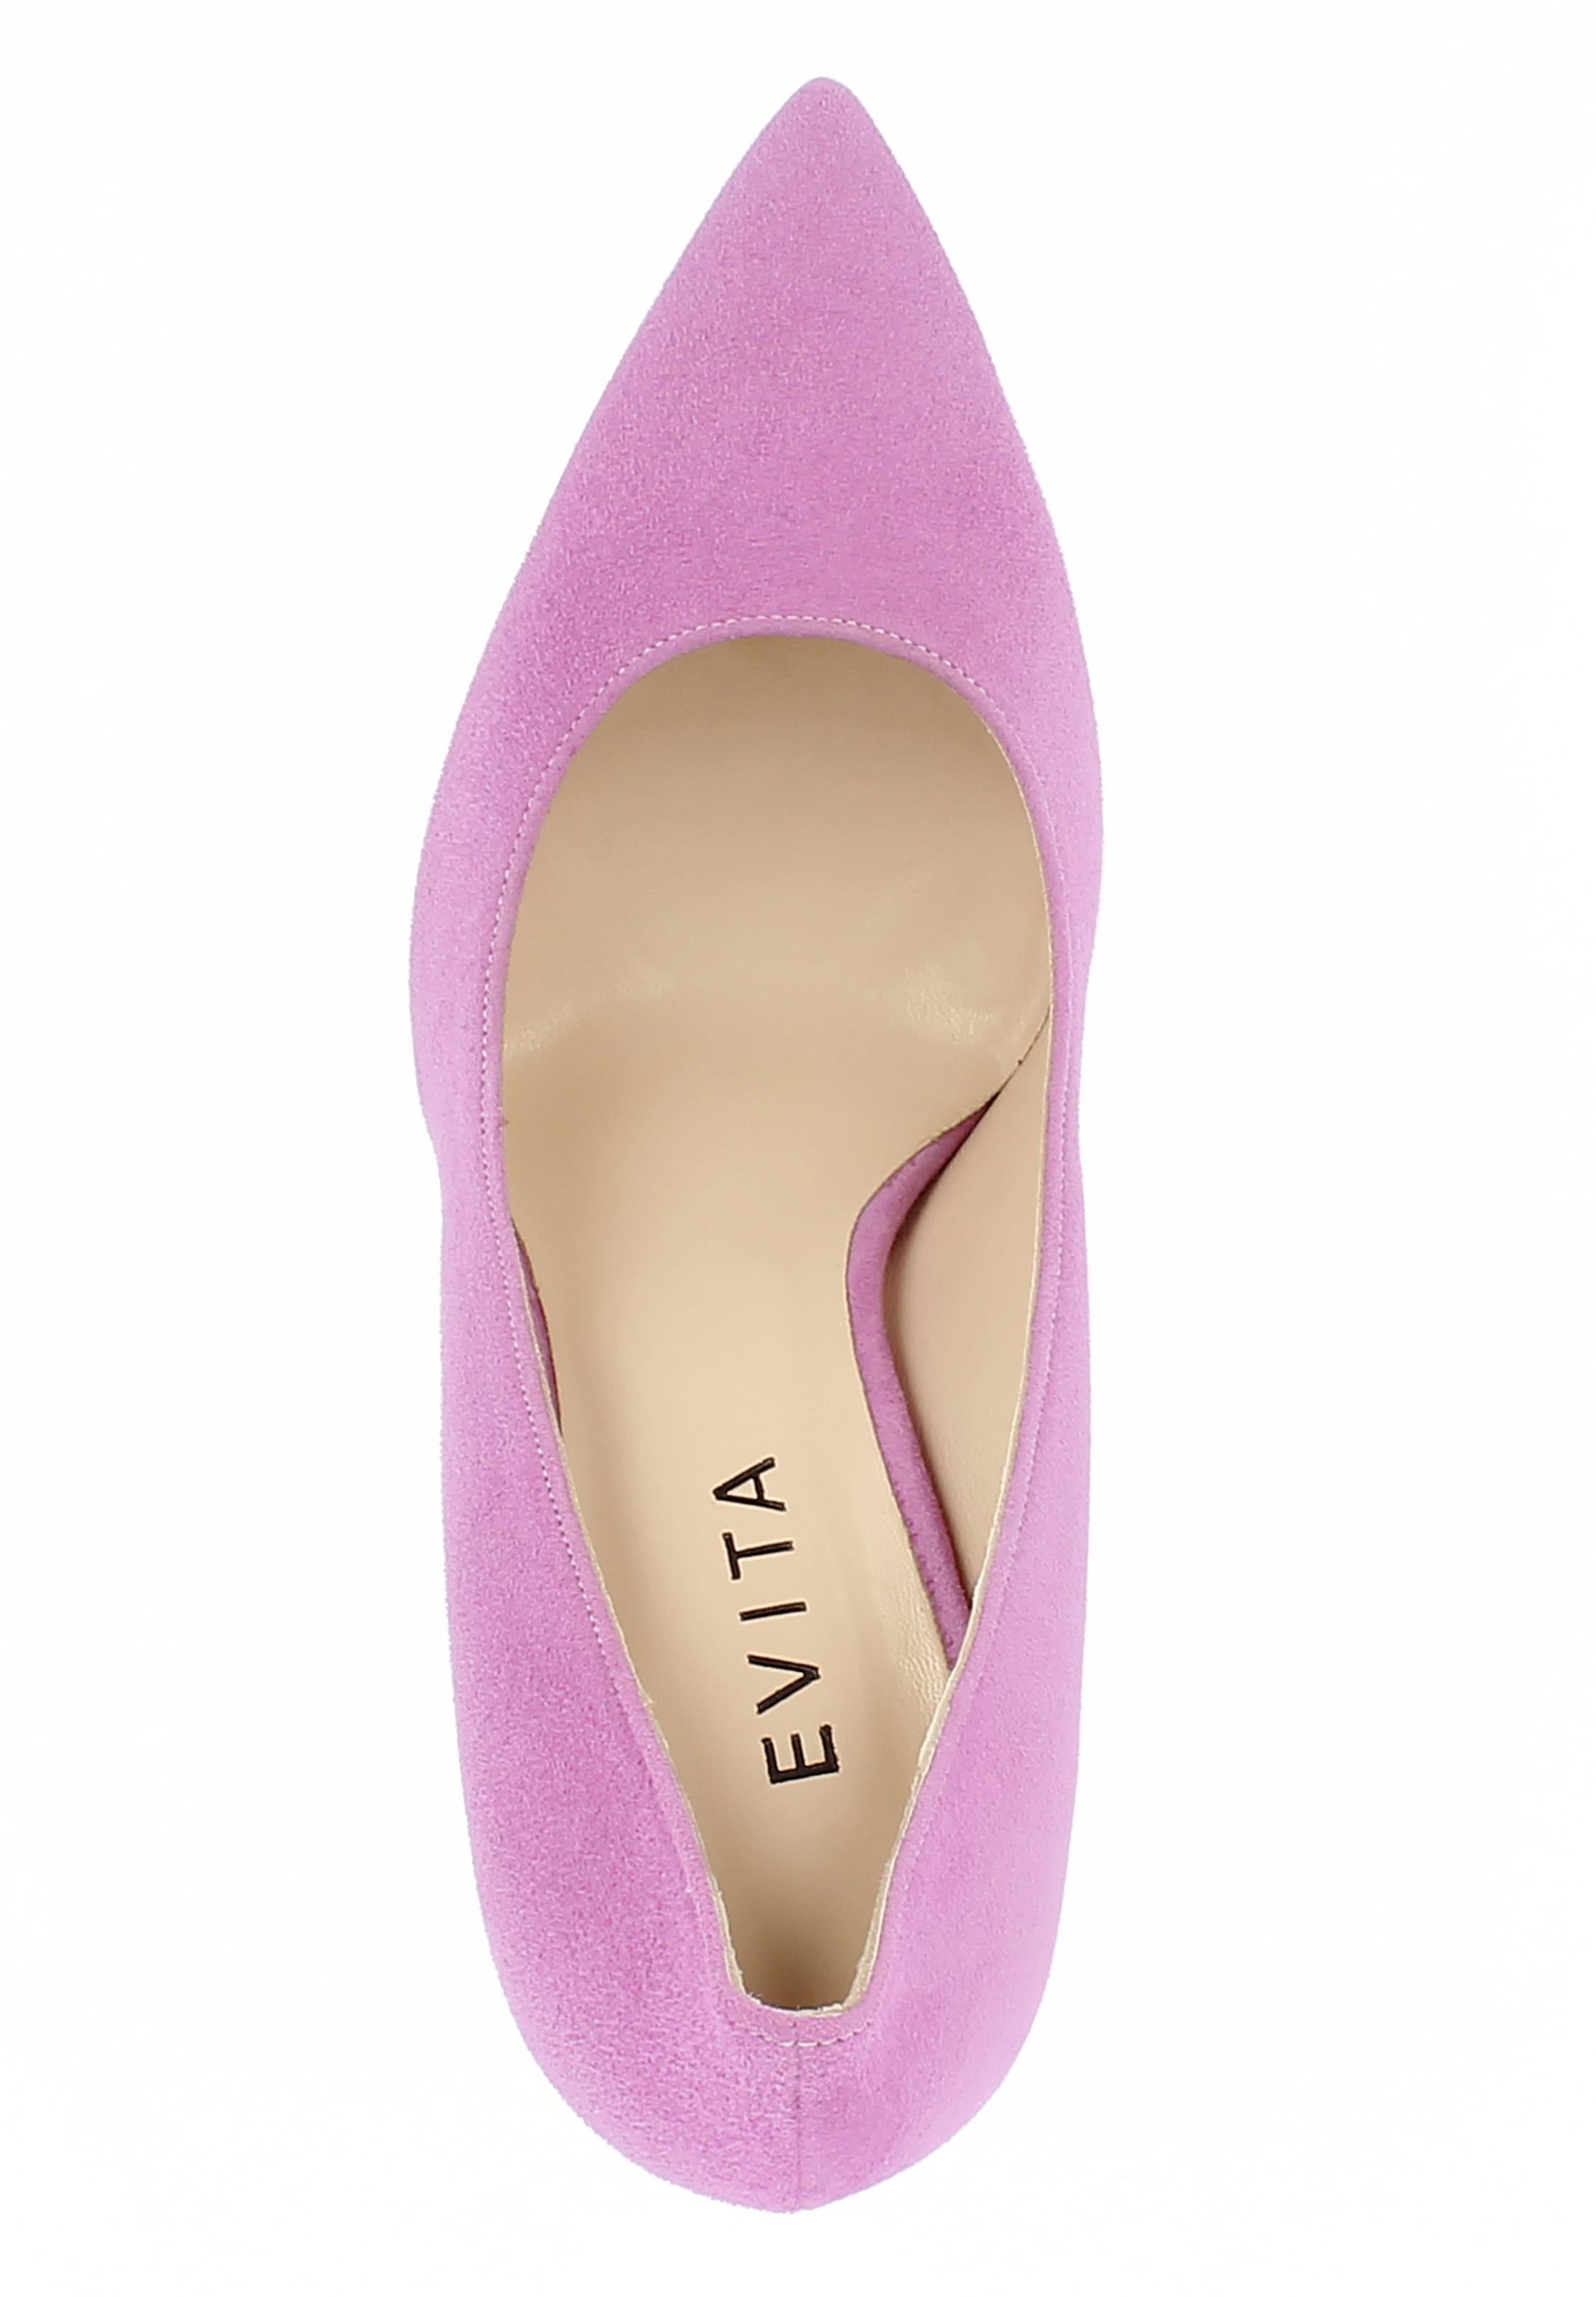 Escarpins Violet 'ilaria' Evita Evita En Escarpins En Violet Evita Escarpins 'ilaria' En 'ilaria' 0Nnvm8wO